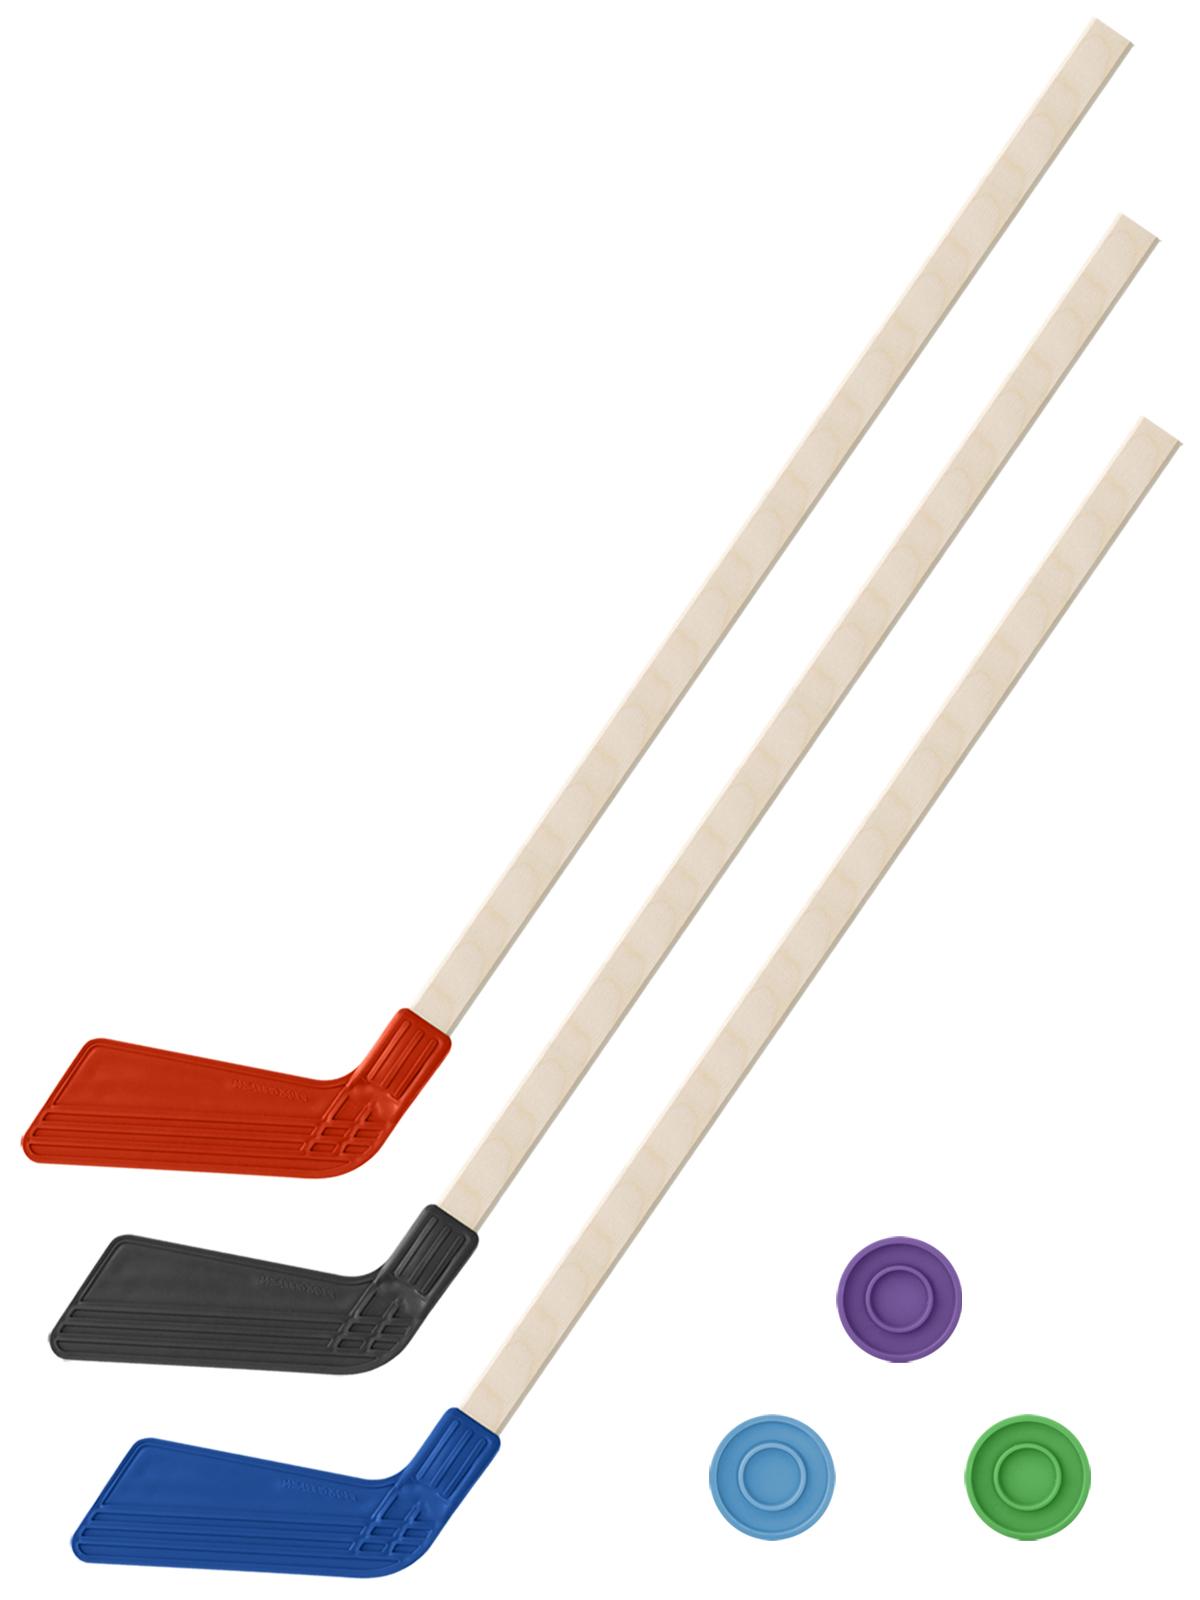 Купить Хоккейный набор 3 в1 Задира-плюс Клюшки 80 см красная, черная, синяя + 3 шайбы,